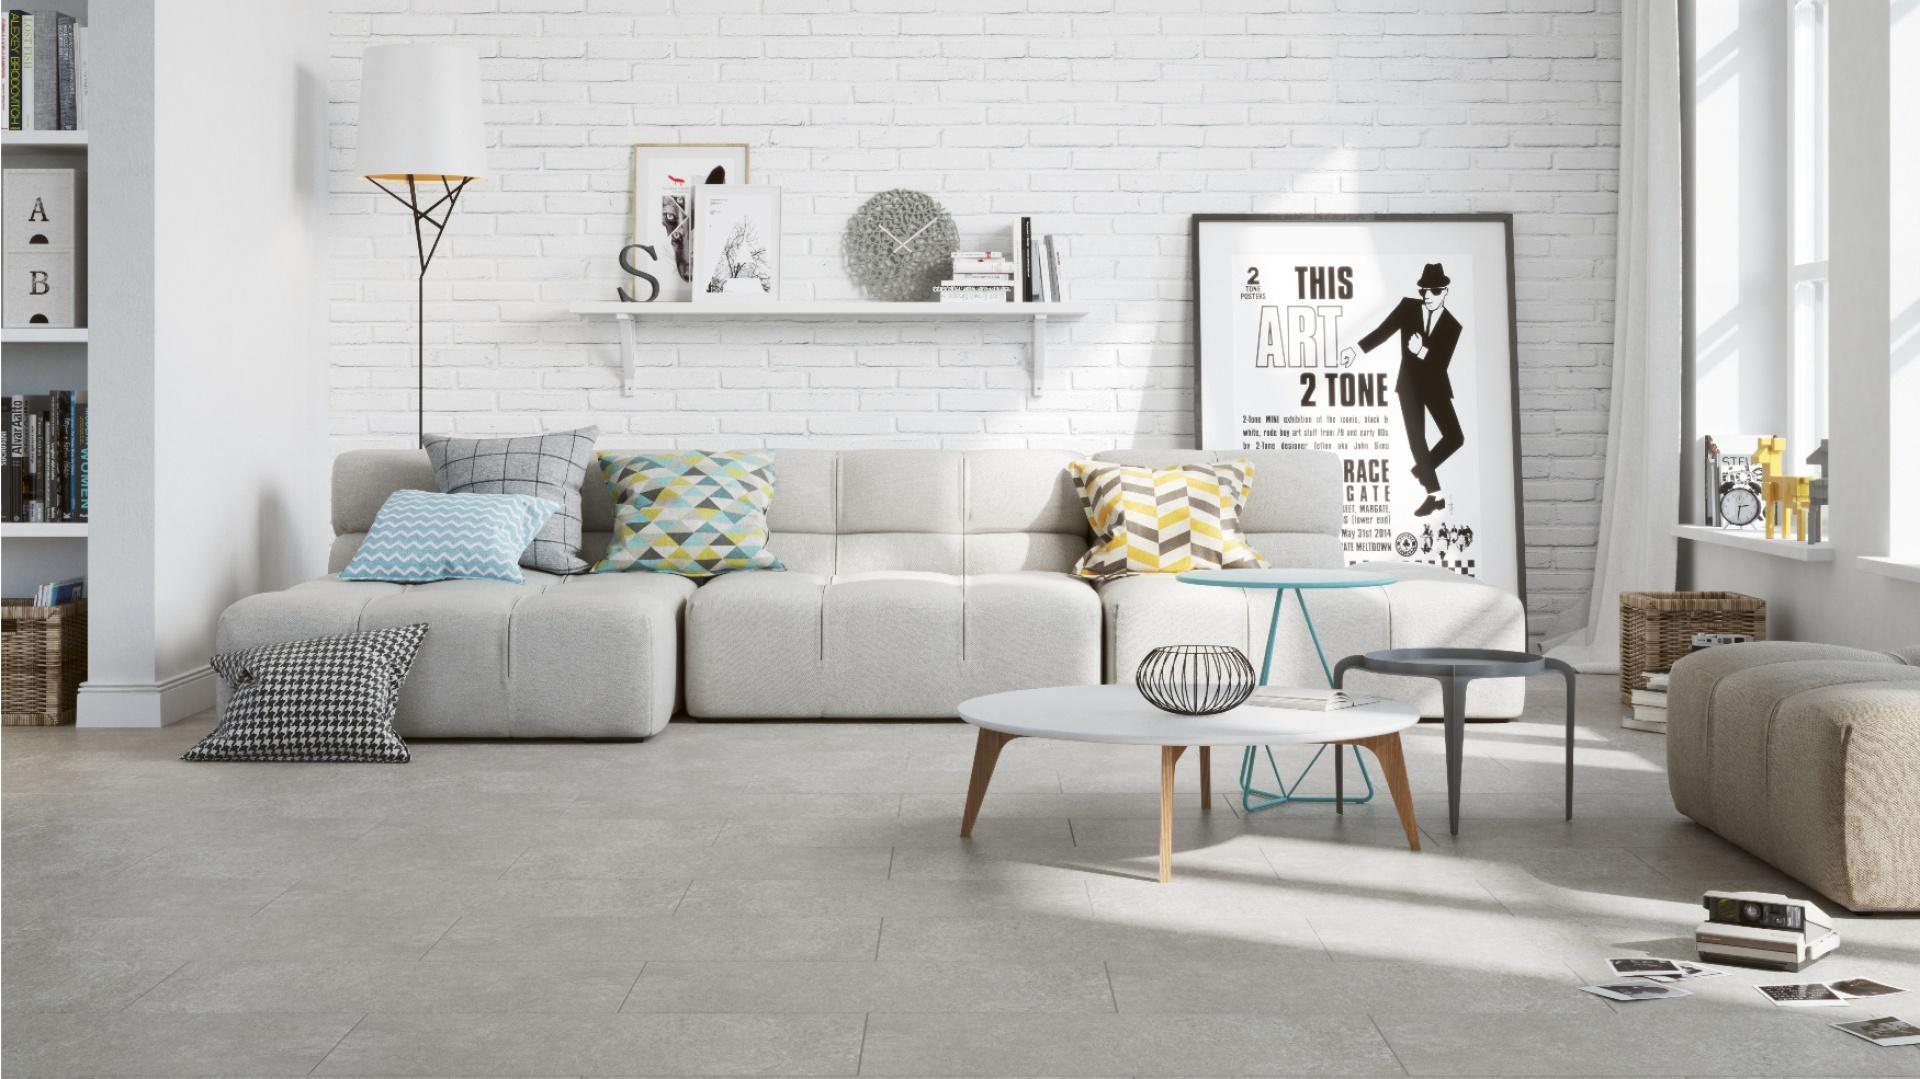 Płytki ceramiczne z kolekcji Monti do złudzenia przypominają prawdziwe płyty cementowe. Pięknie prezentują się na podłodze w towarzystwie cegły na ścianie. Fot. Cersanit.